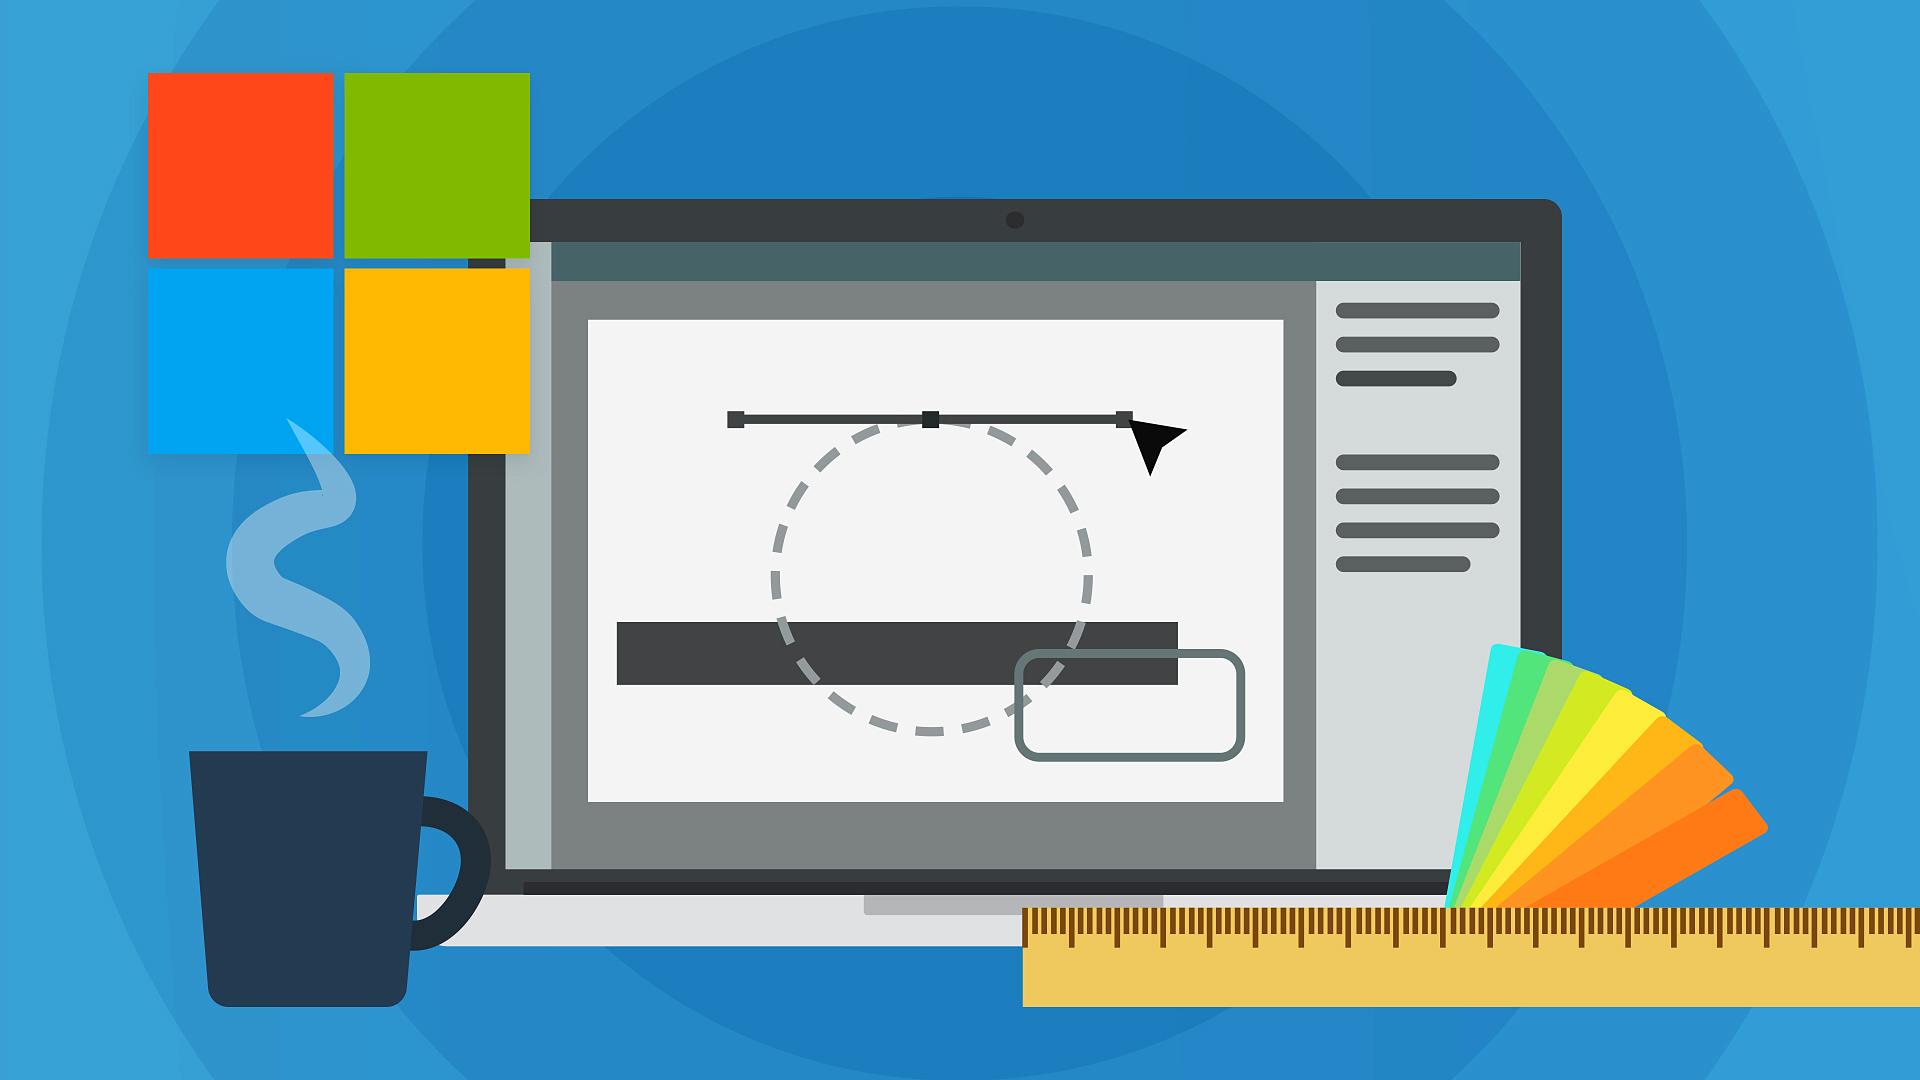 Вебинар Как за час стать дизайнером с помощью С#, WPF? фото